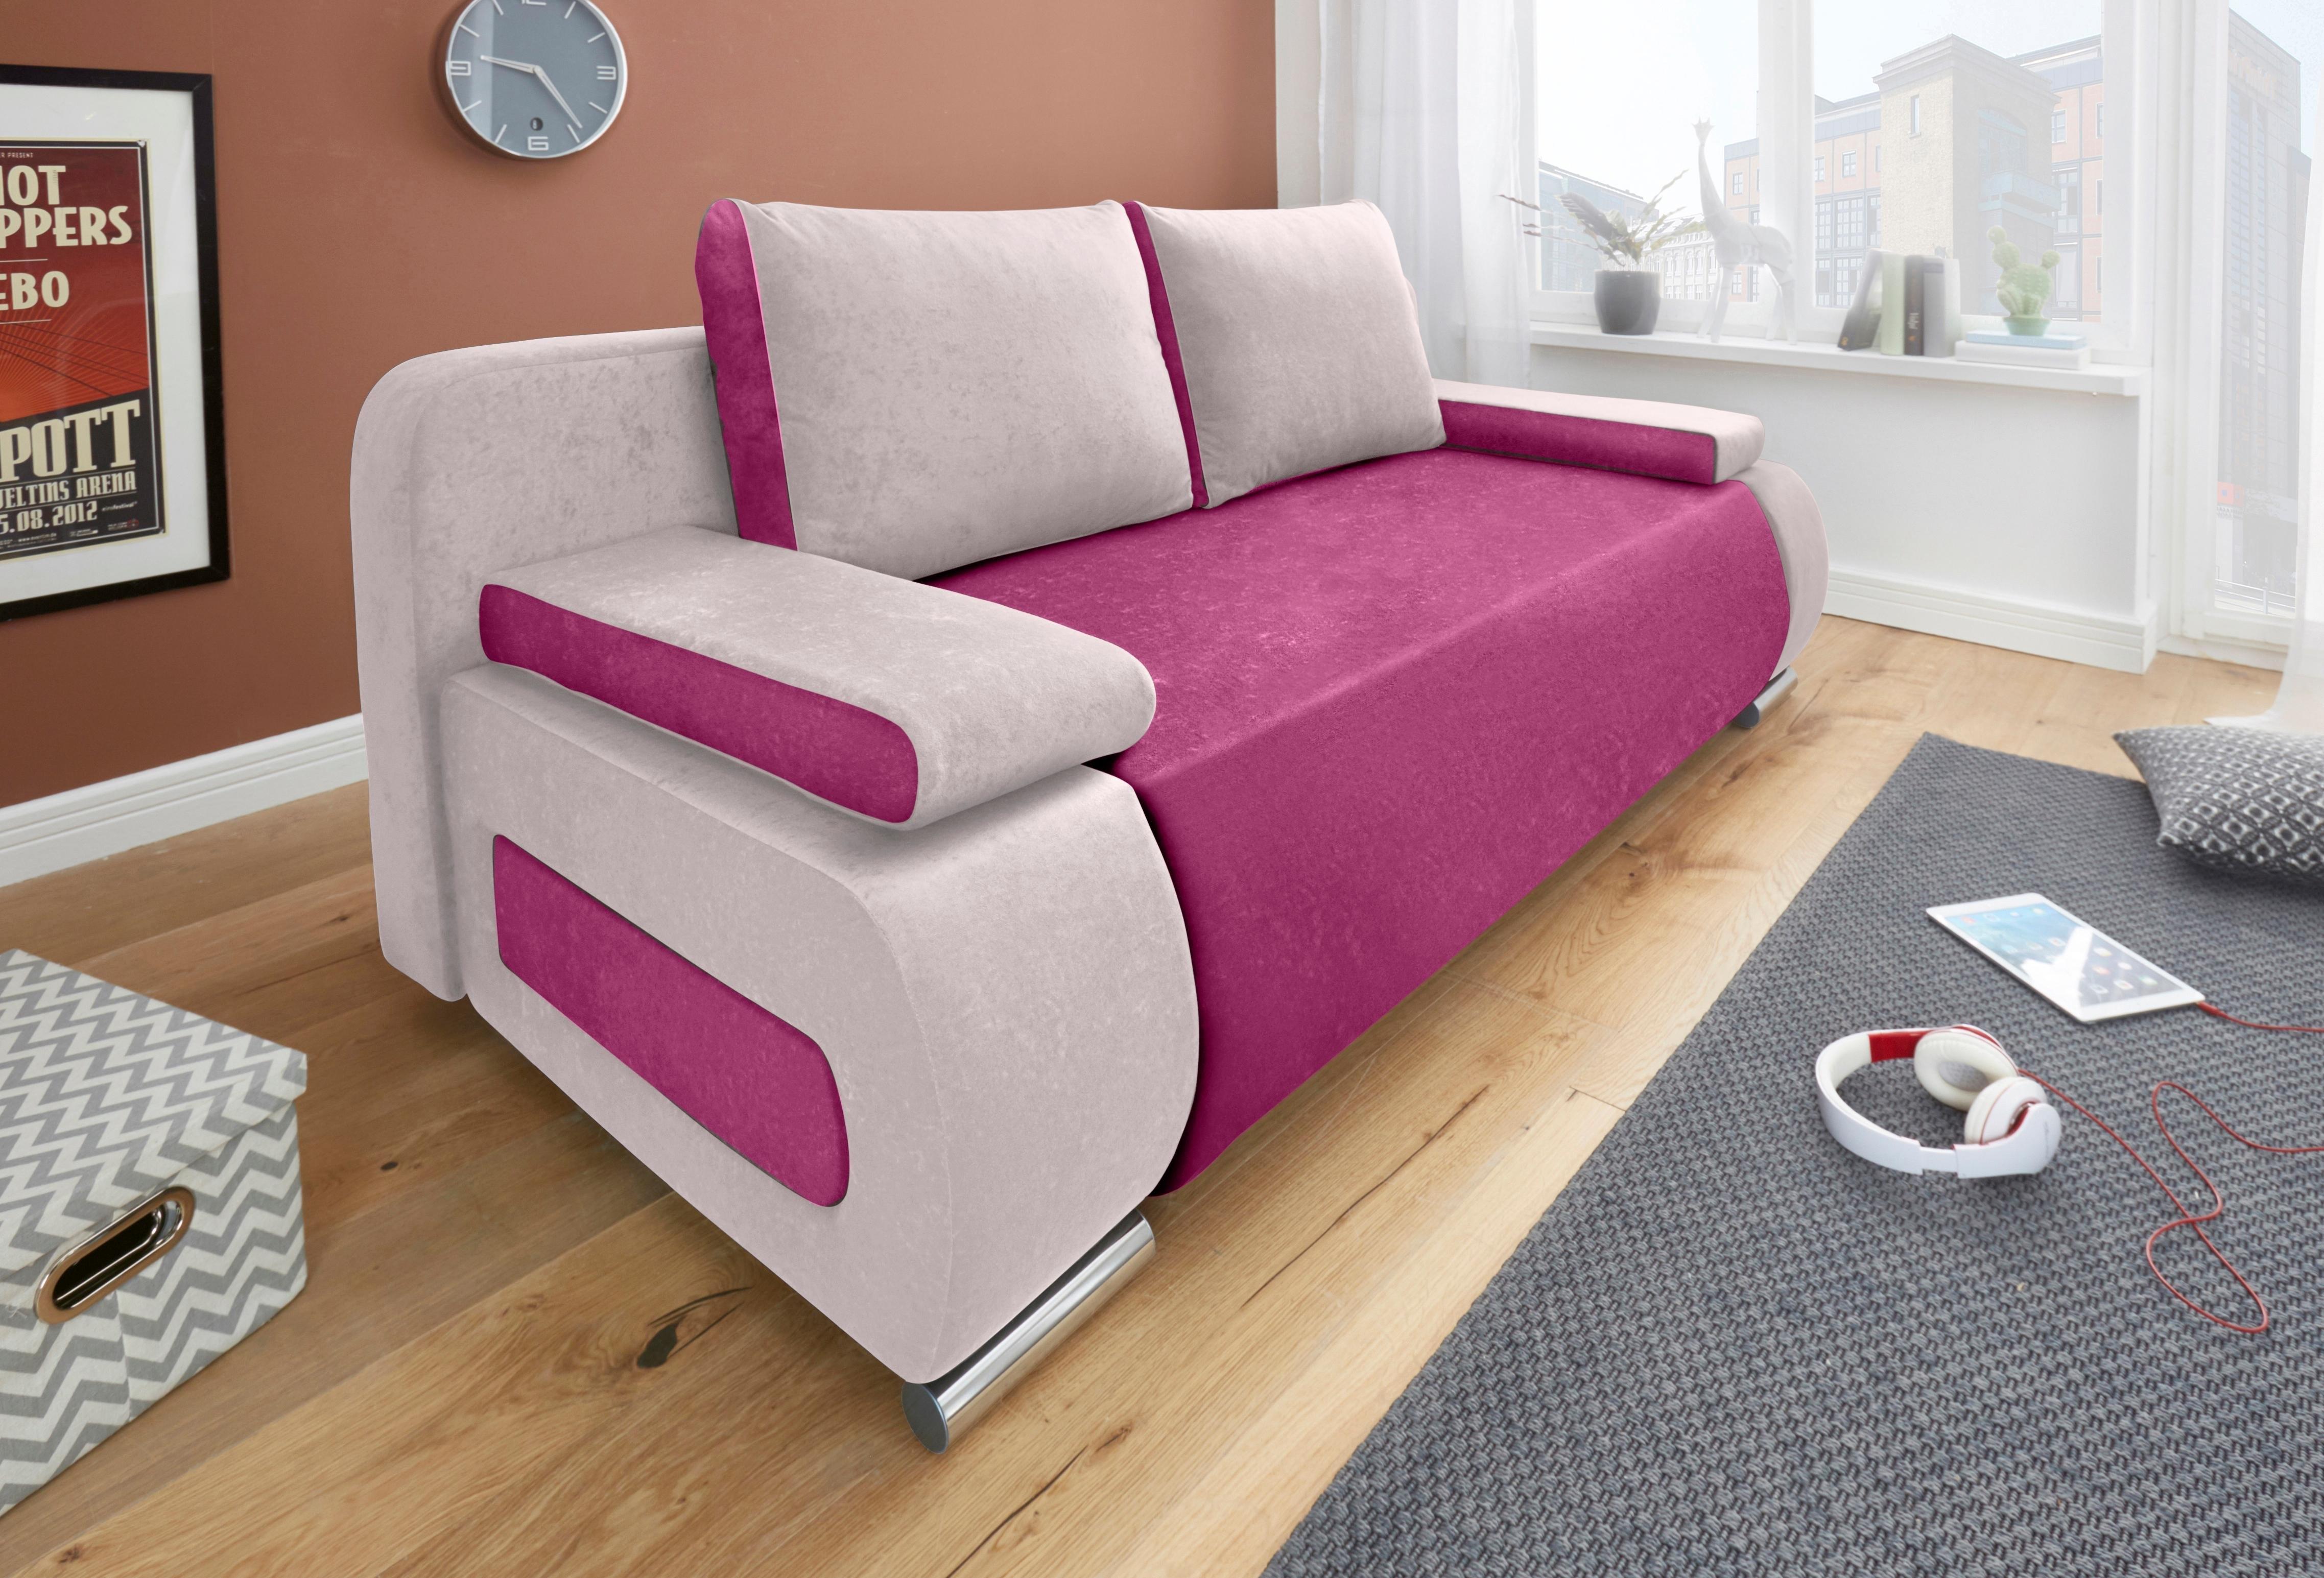 COLLECTION AB Bedbank met binnenvering, met slaapfunctie en bedkist, met losse arm- en rugkussens, vrij plaatsbaar bestellen: 30 dagen bedenktijd